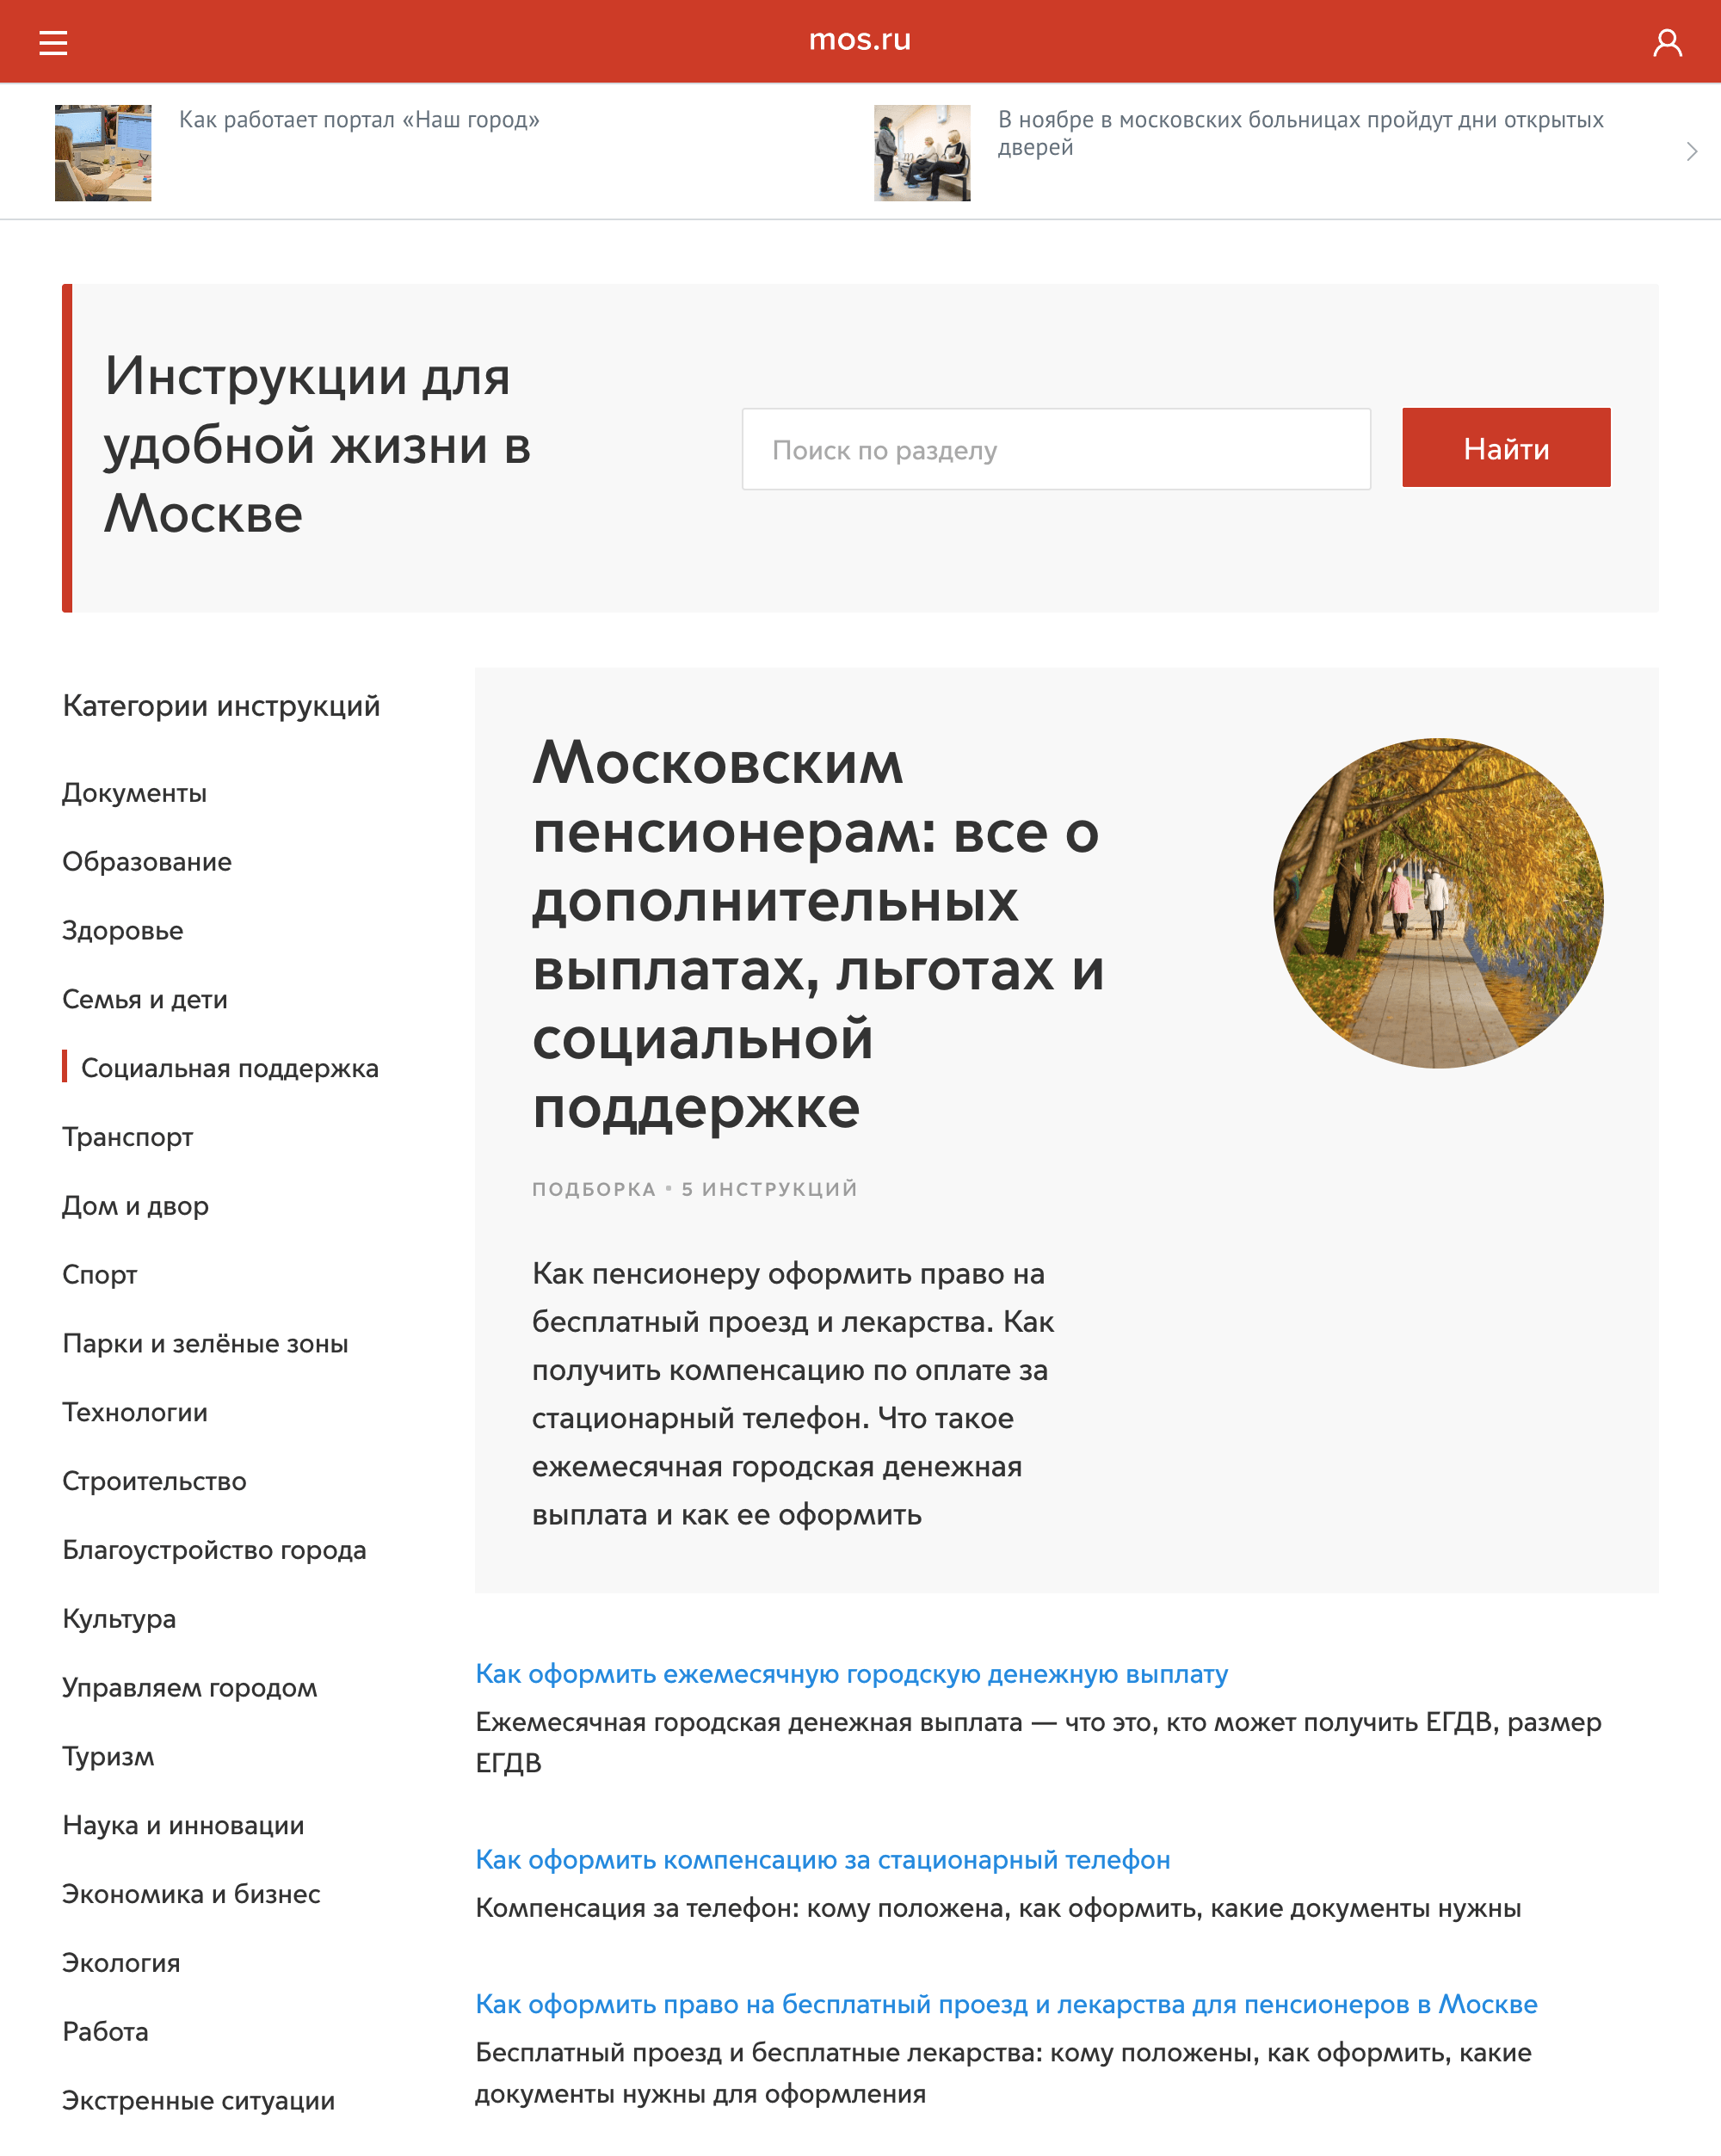 Московские пенсионеры могут найти информацию на сайте мэра города